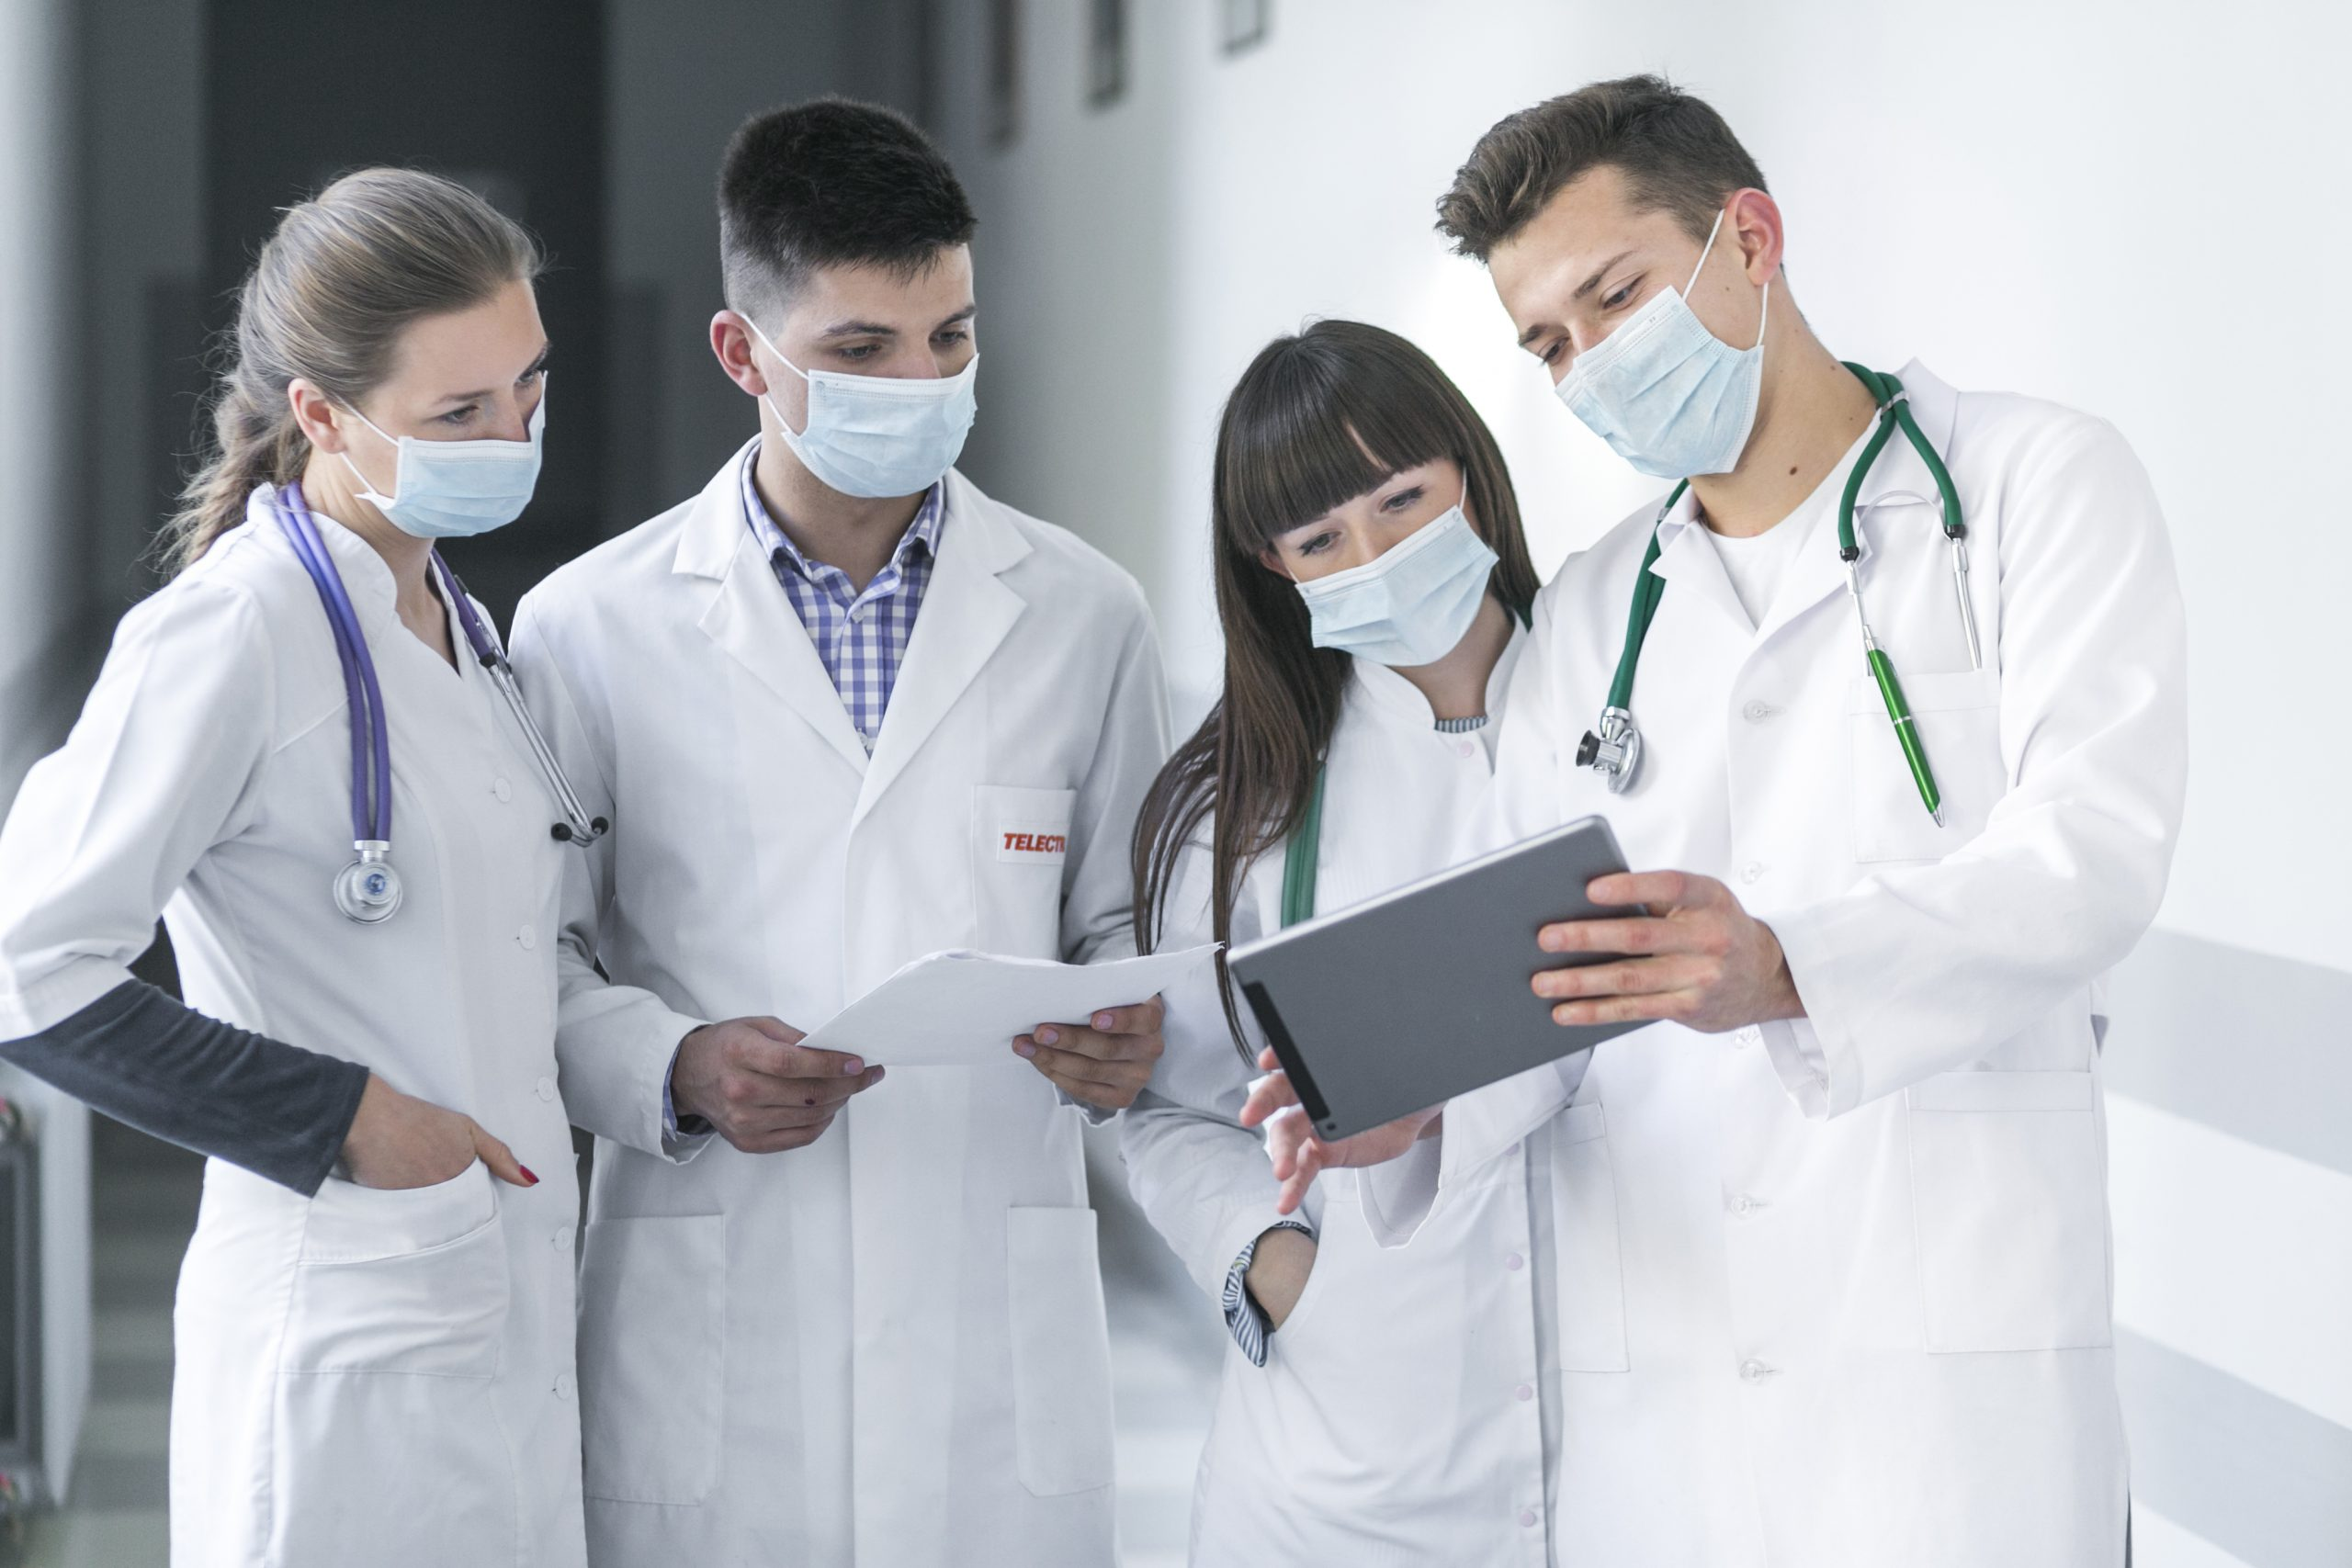 doctors-masks-using-tablet